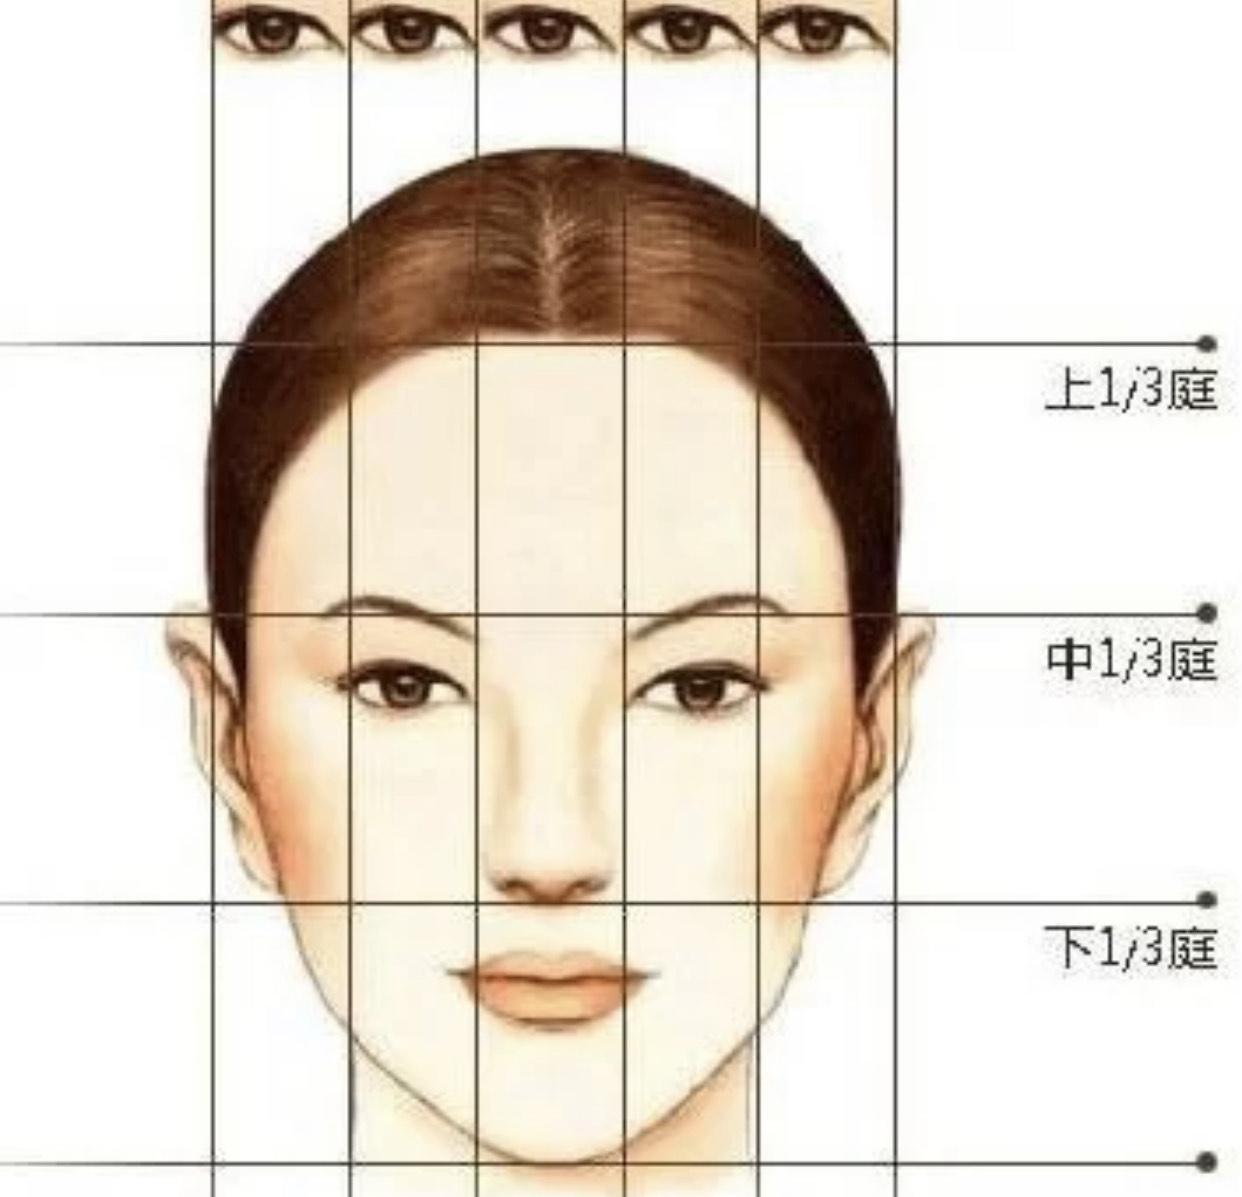 判断你是什么脸型?看这4点就清楚了,其中方脸最受争议